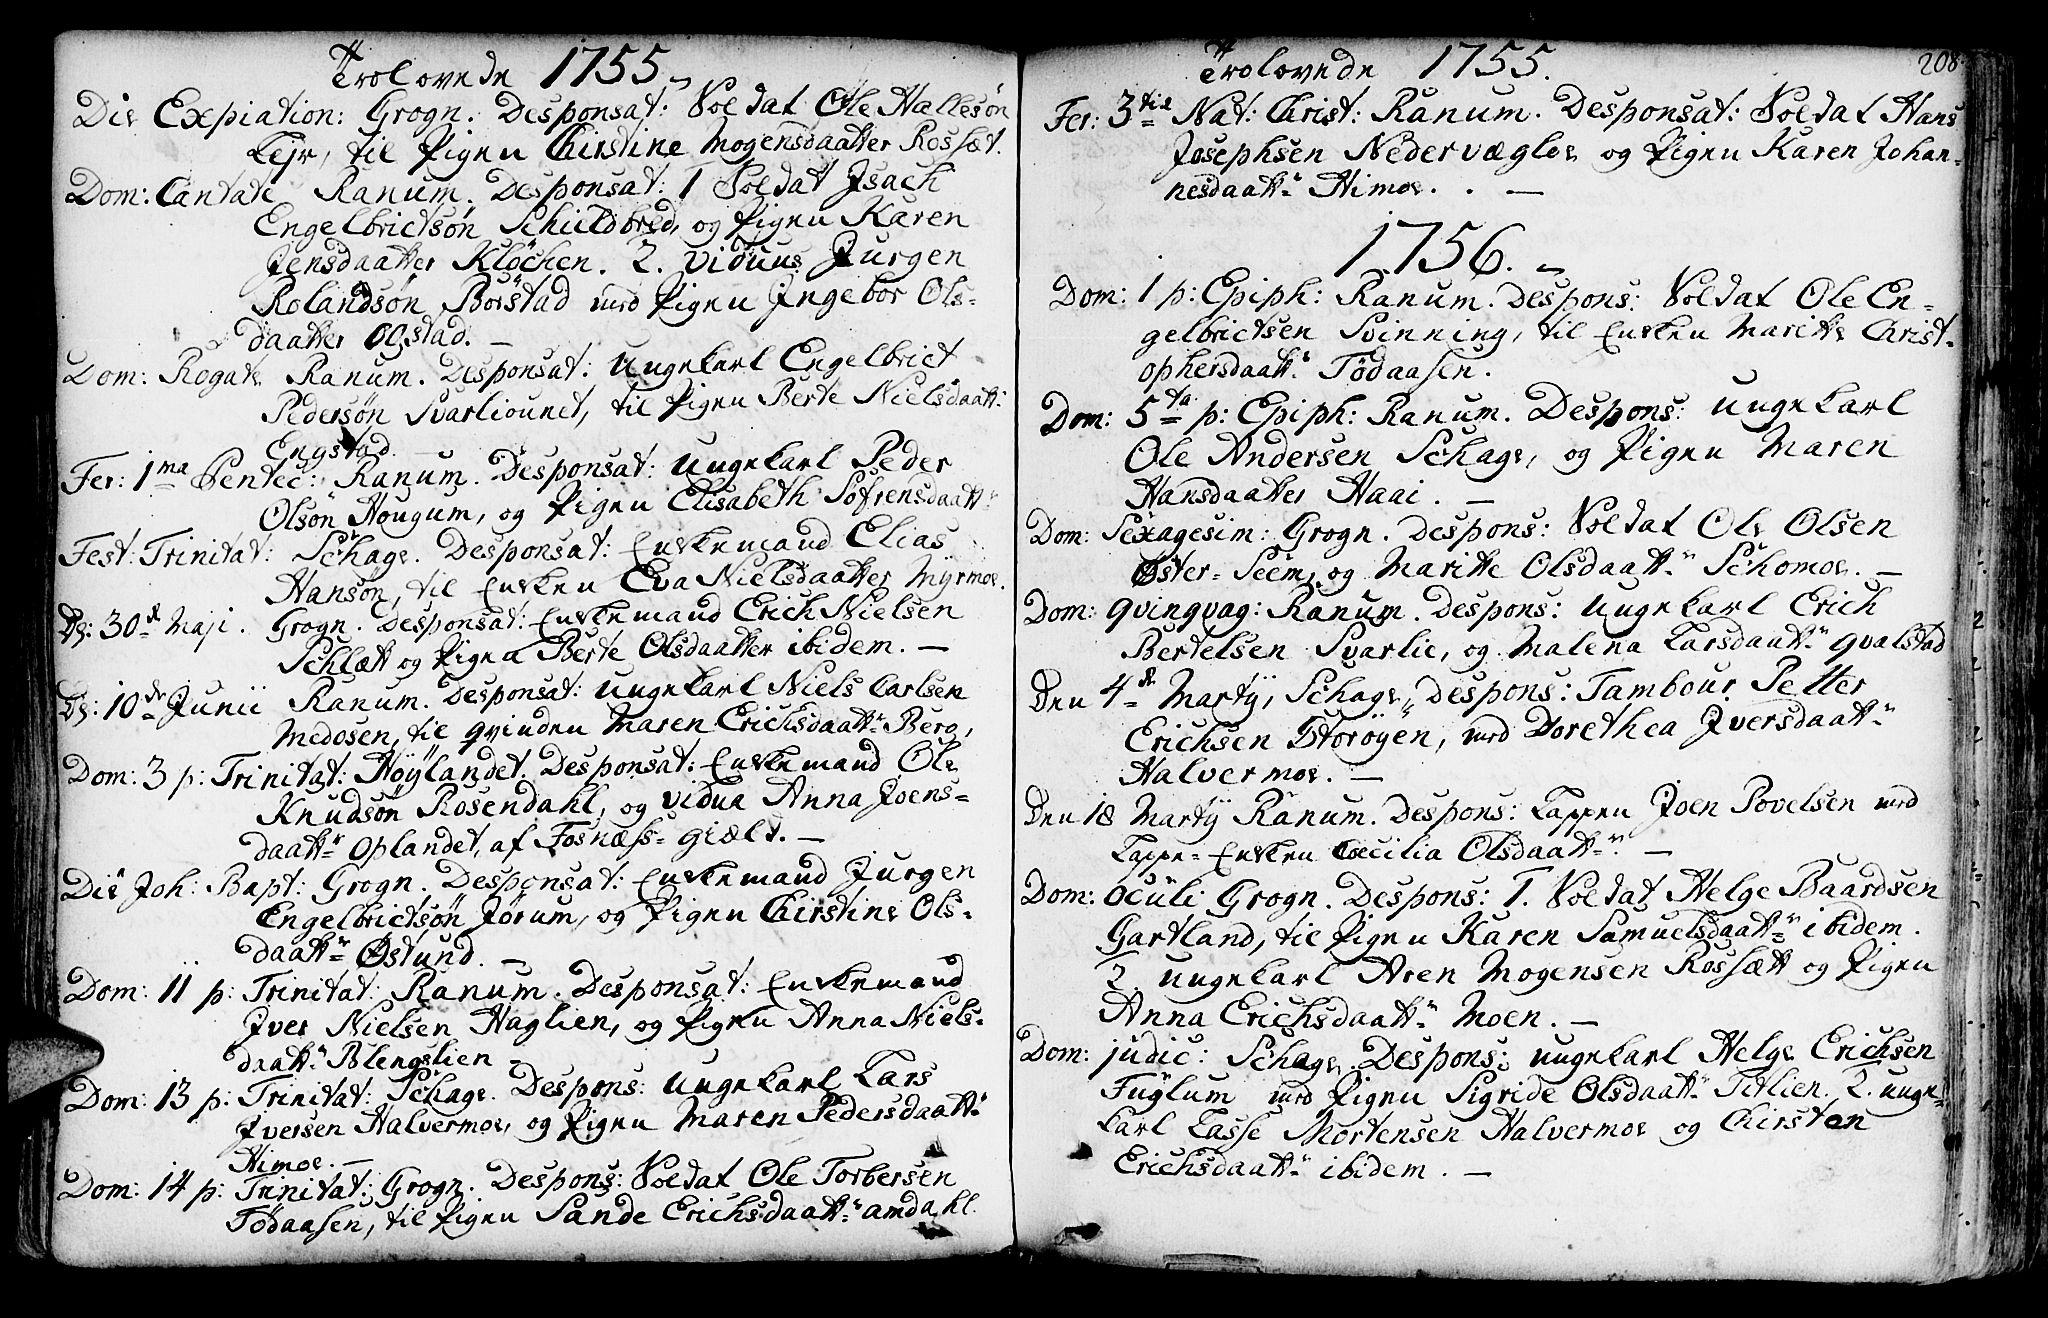 SAT, Ministerialprotokoller, klokkerbøker og fødselsregistre - Nord-Trøndelag, 764/L0542: Ministerialbok nr. 764A02, 1748-1779, s. 208